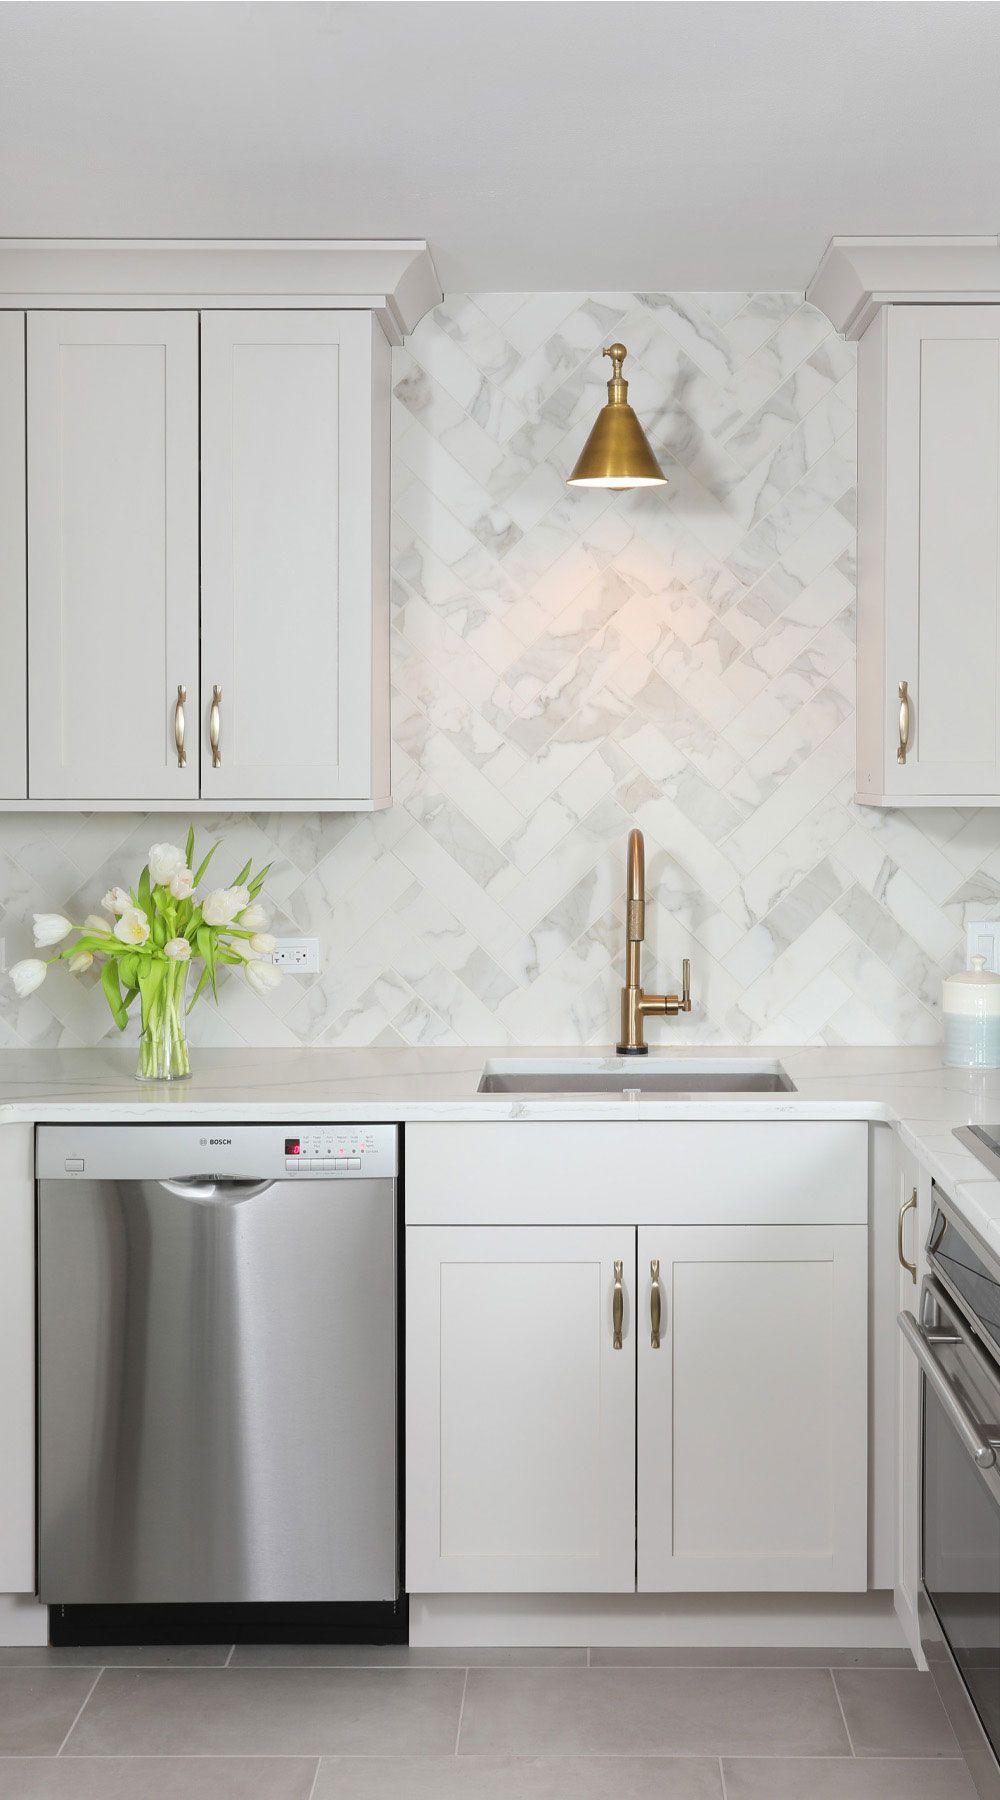 27 Marble Herringbone Backsplash Marble White Kitchen Herringbone Backsplash Kitchen White Marble Kitchen Modern Marble Backsplash Kitchen